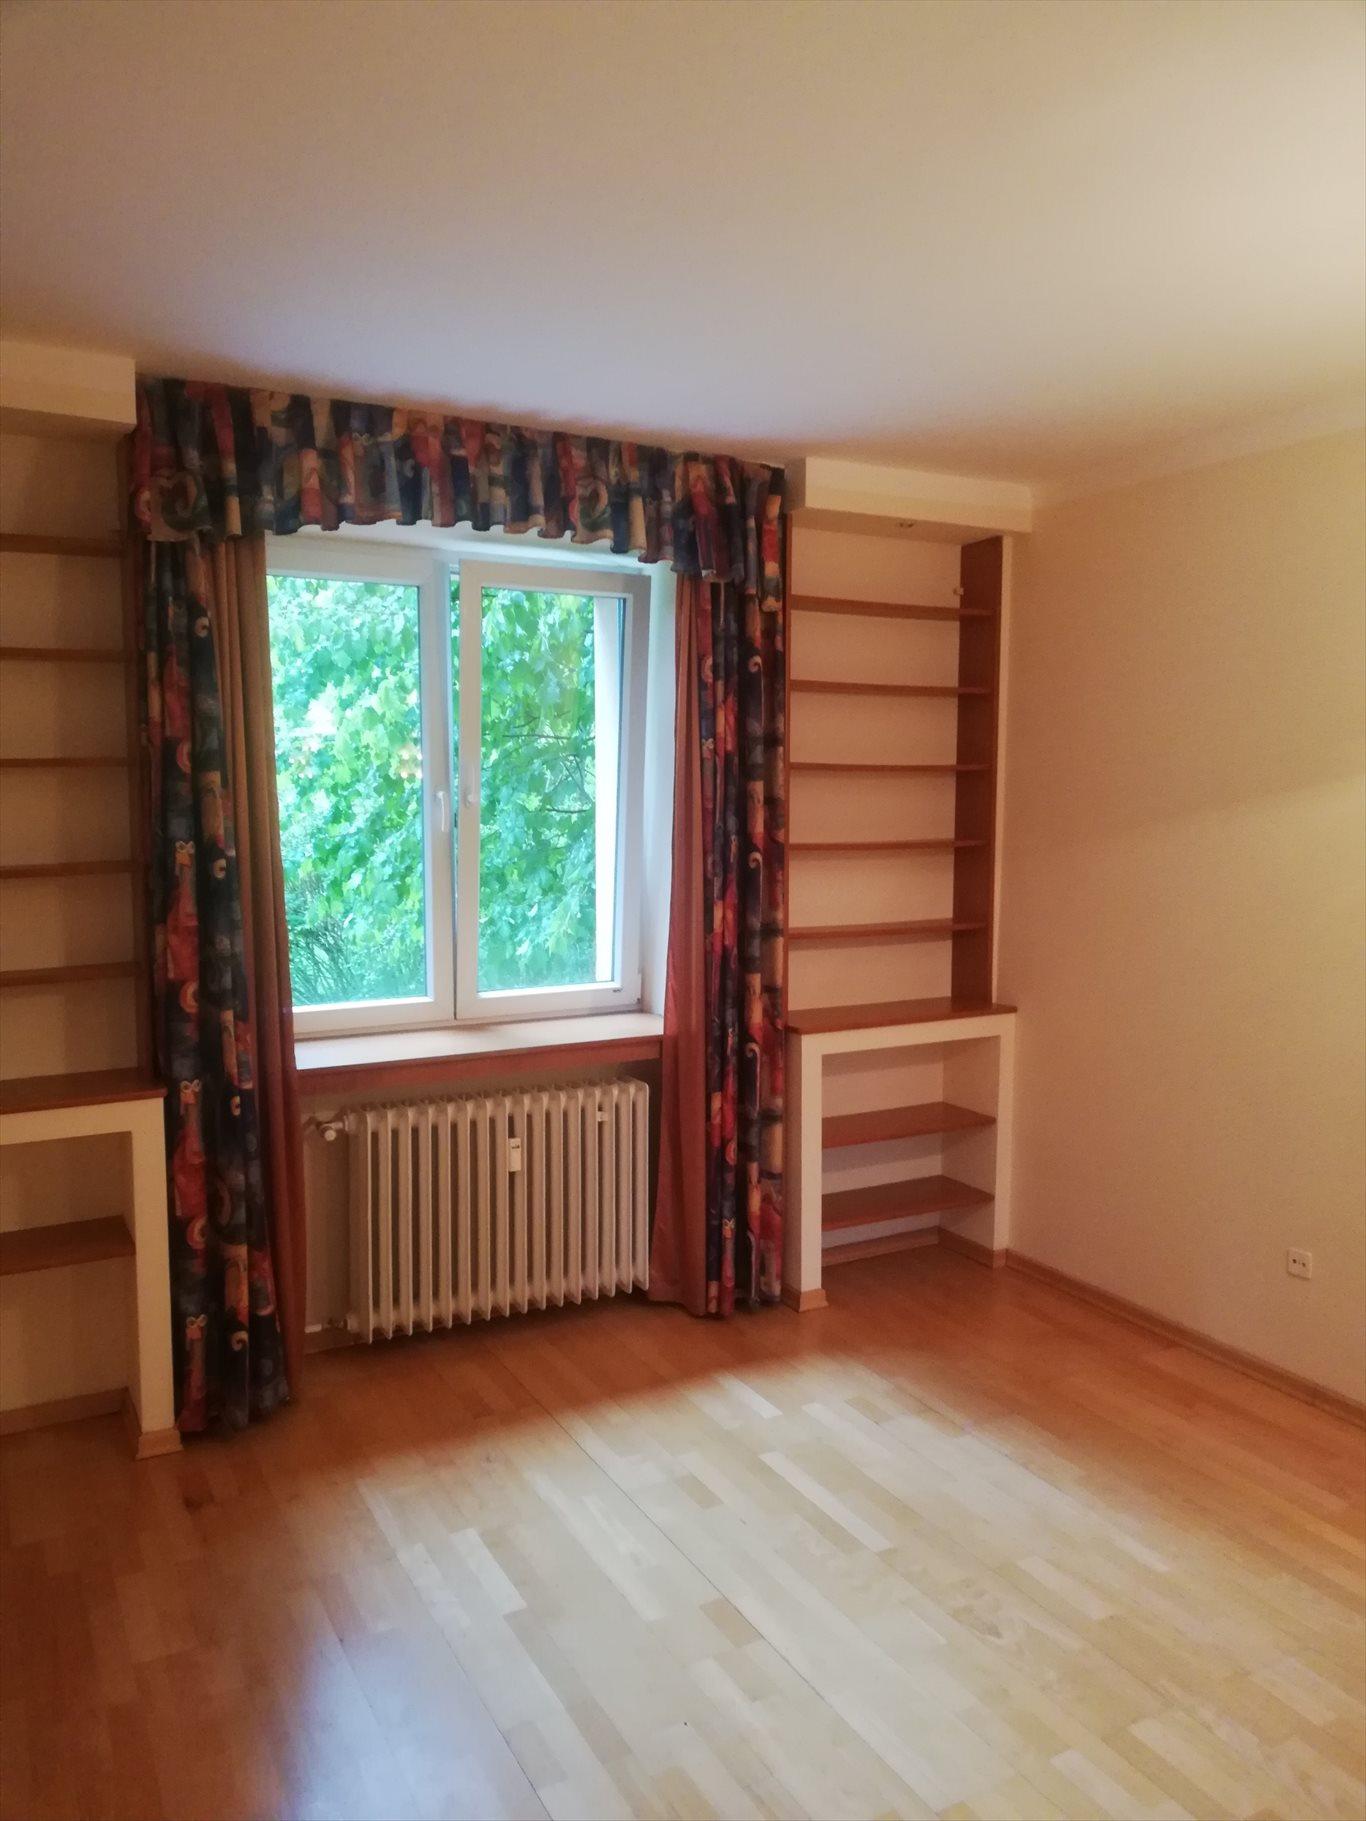 Mieszkanie dwupokojowe na sprzedaż Kraków, Nowa Huta, osiedle Wandy  44m2 Foto 7